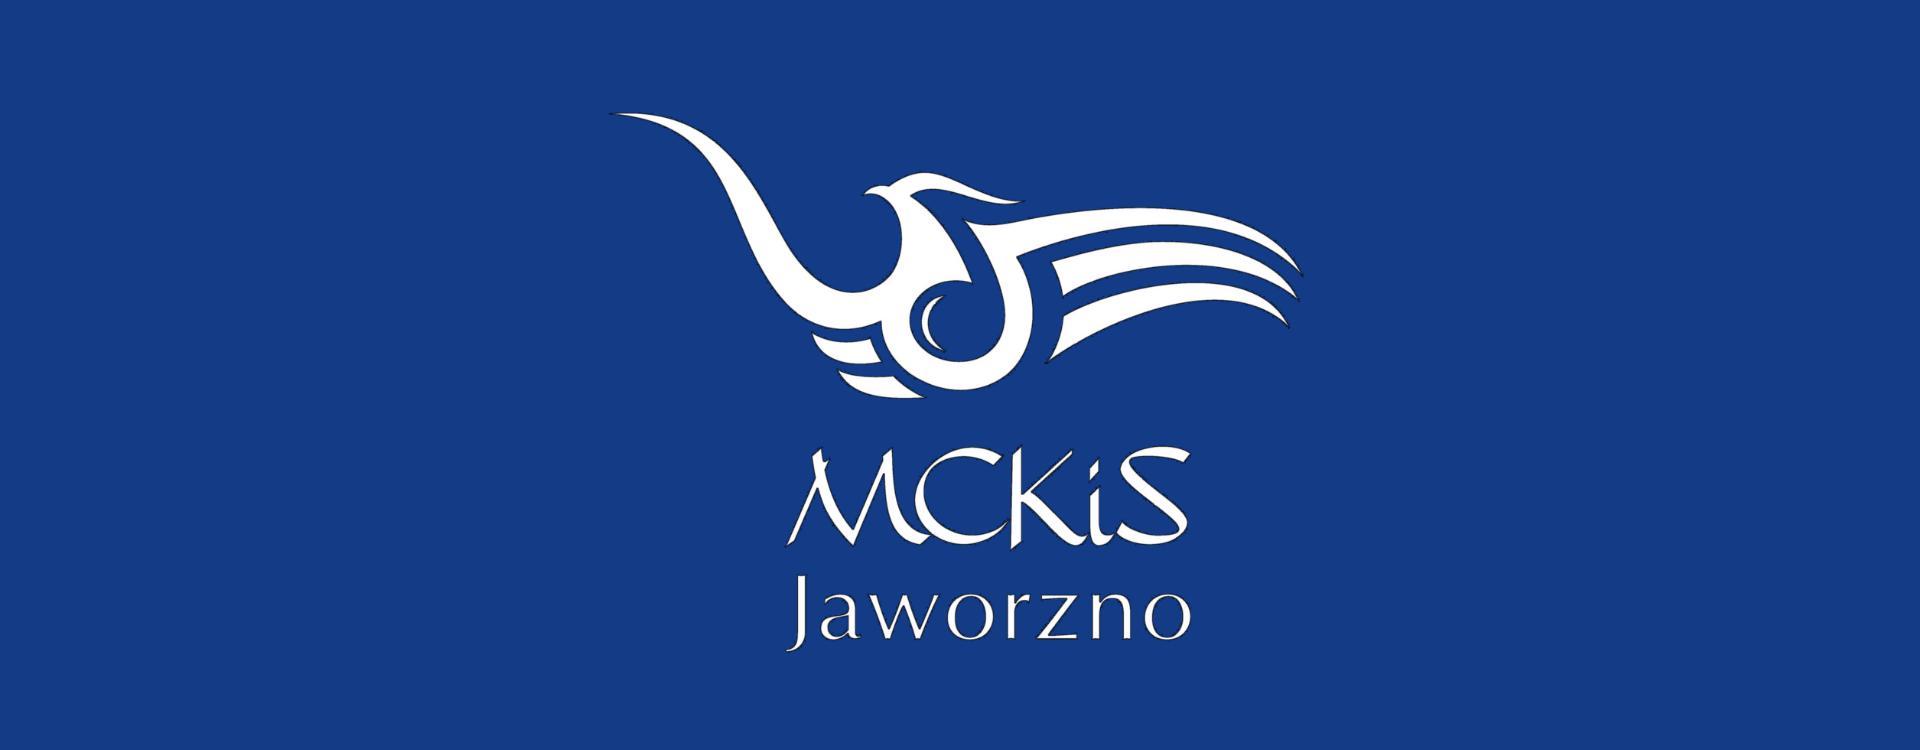 mckis-jaworzno-pasek-logo